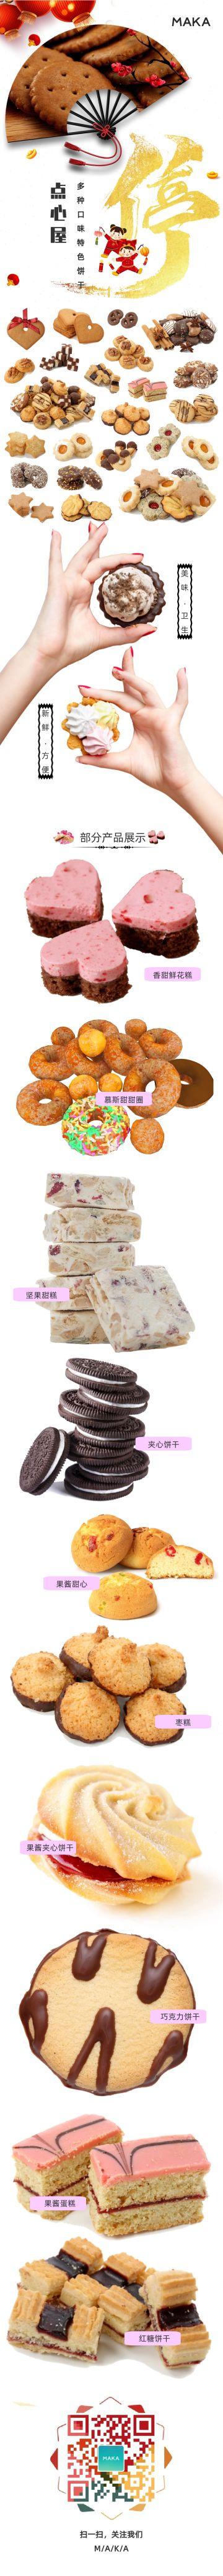 糕点饼干扁平简约风格电商产品详情页宣传海报